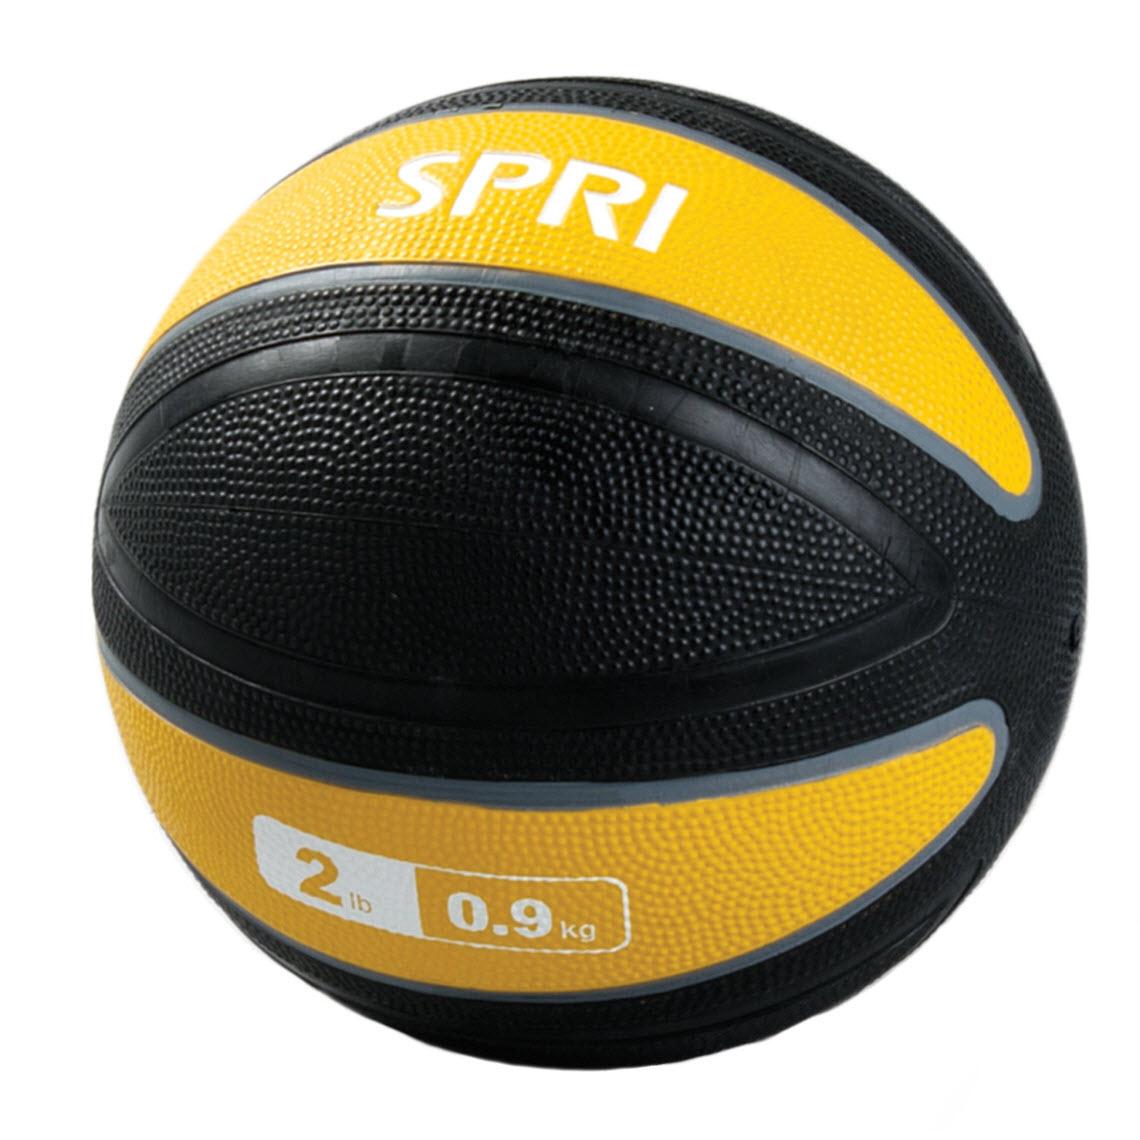 SPRI 2 Lb Xerball Yellow